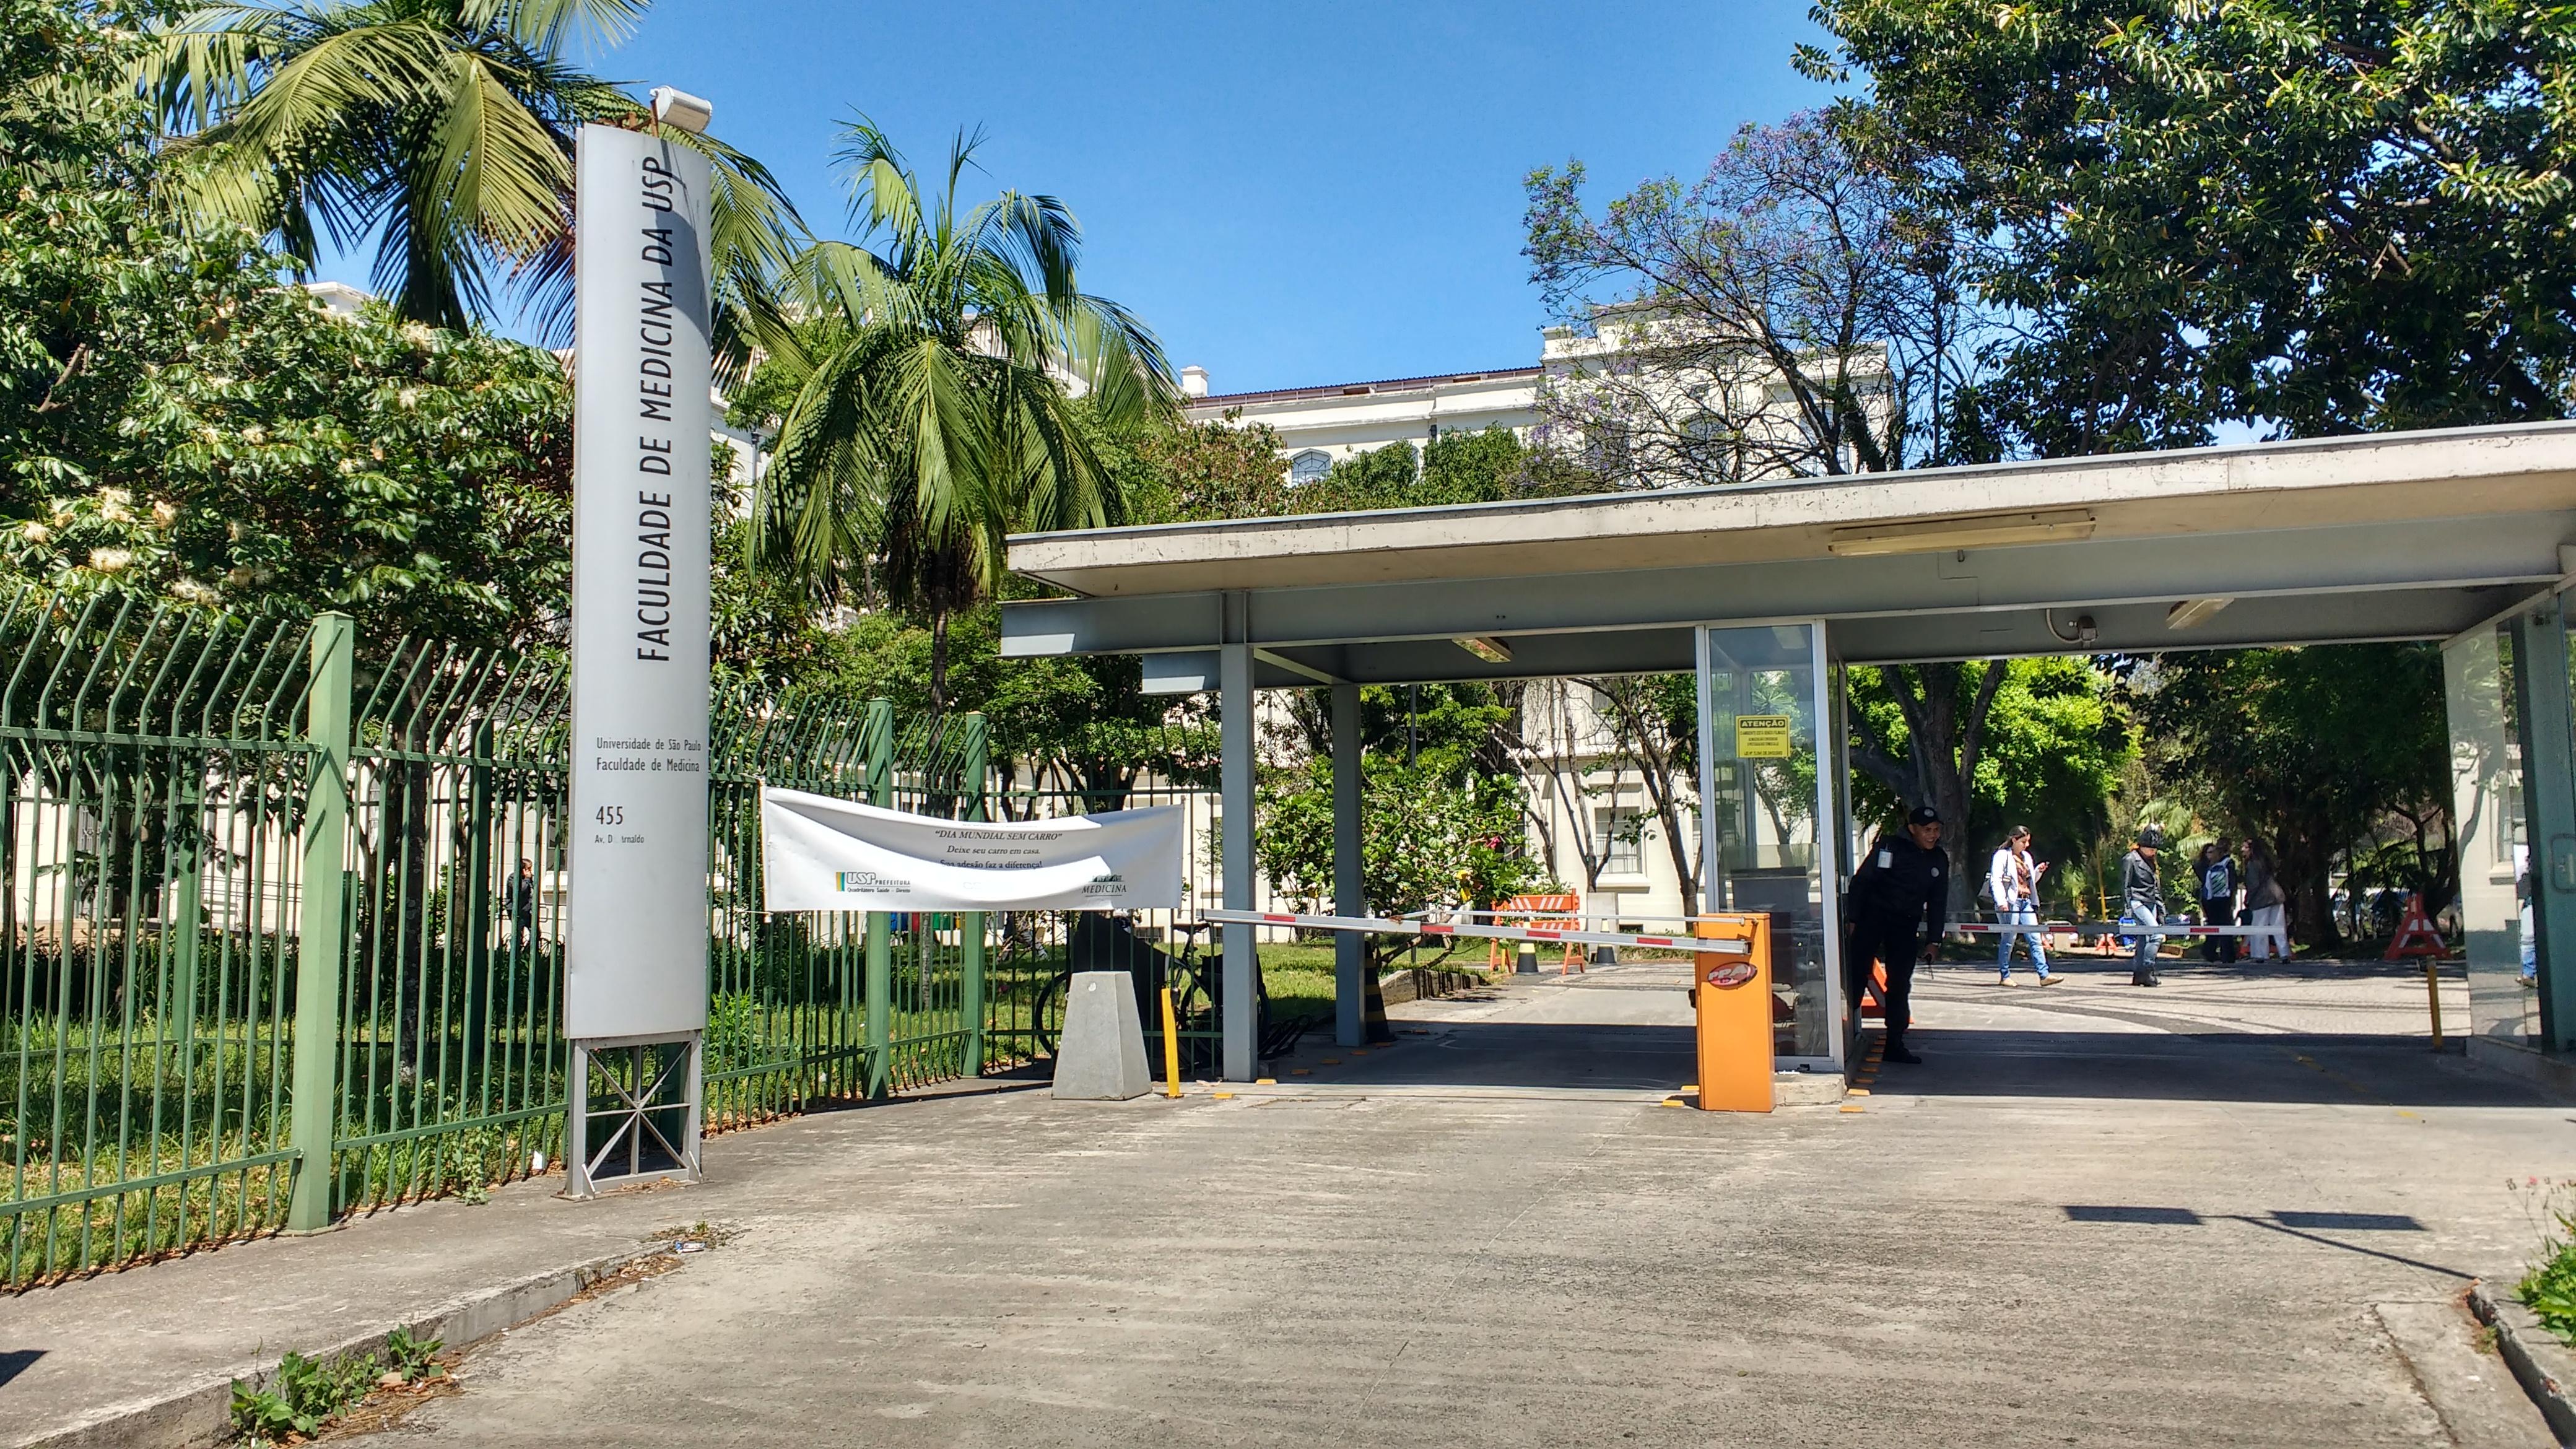 Veja o que saiu no Migalhas sobre Faculdade de Medicina da Universidade de São Paulo